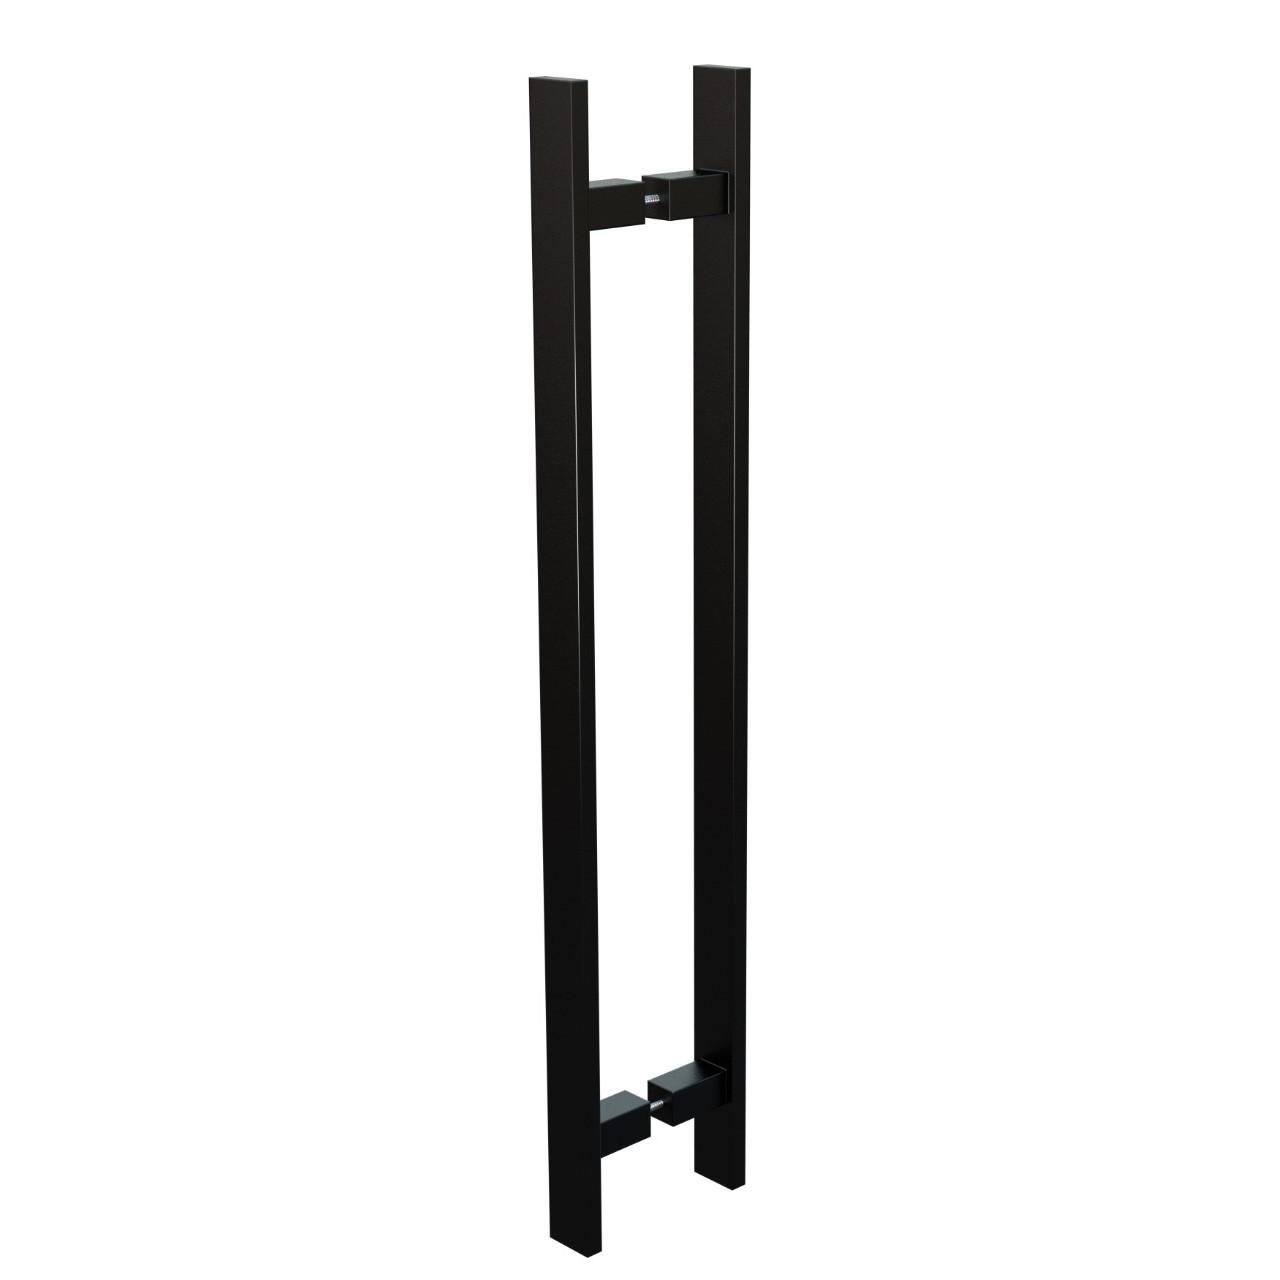 Puxador de Portas Sobrepor Aco Inox 60 cm 1 par Trio Preto - Acobrasil